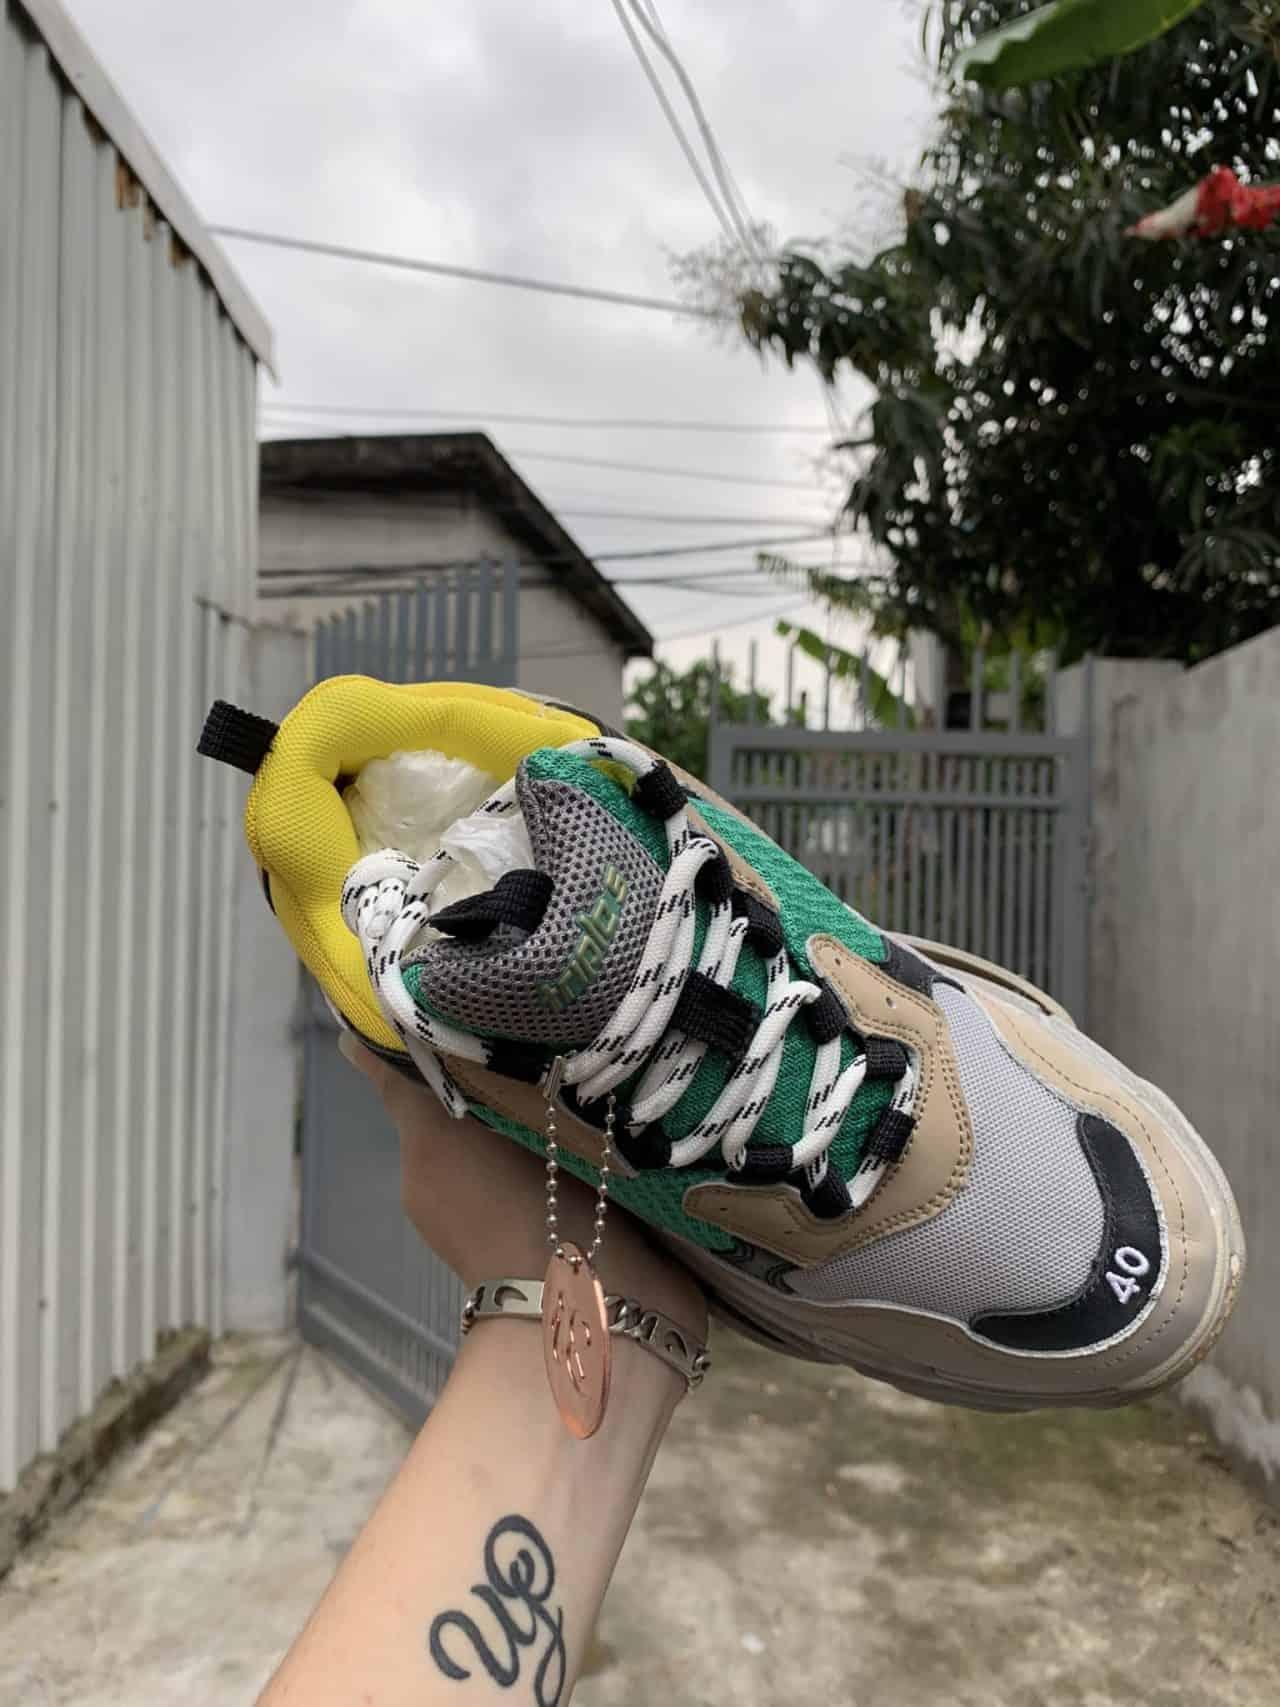 Giày Balenciaga có thiết kế phối trí màu sắc ấn tượng